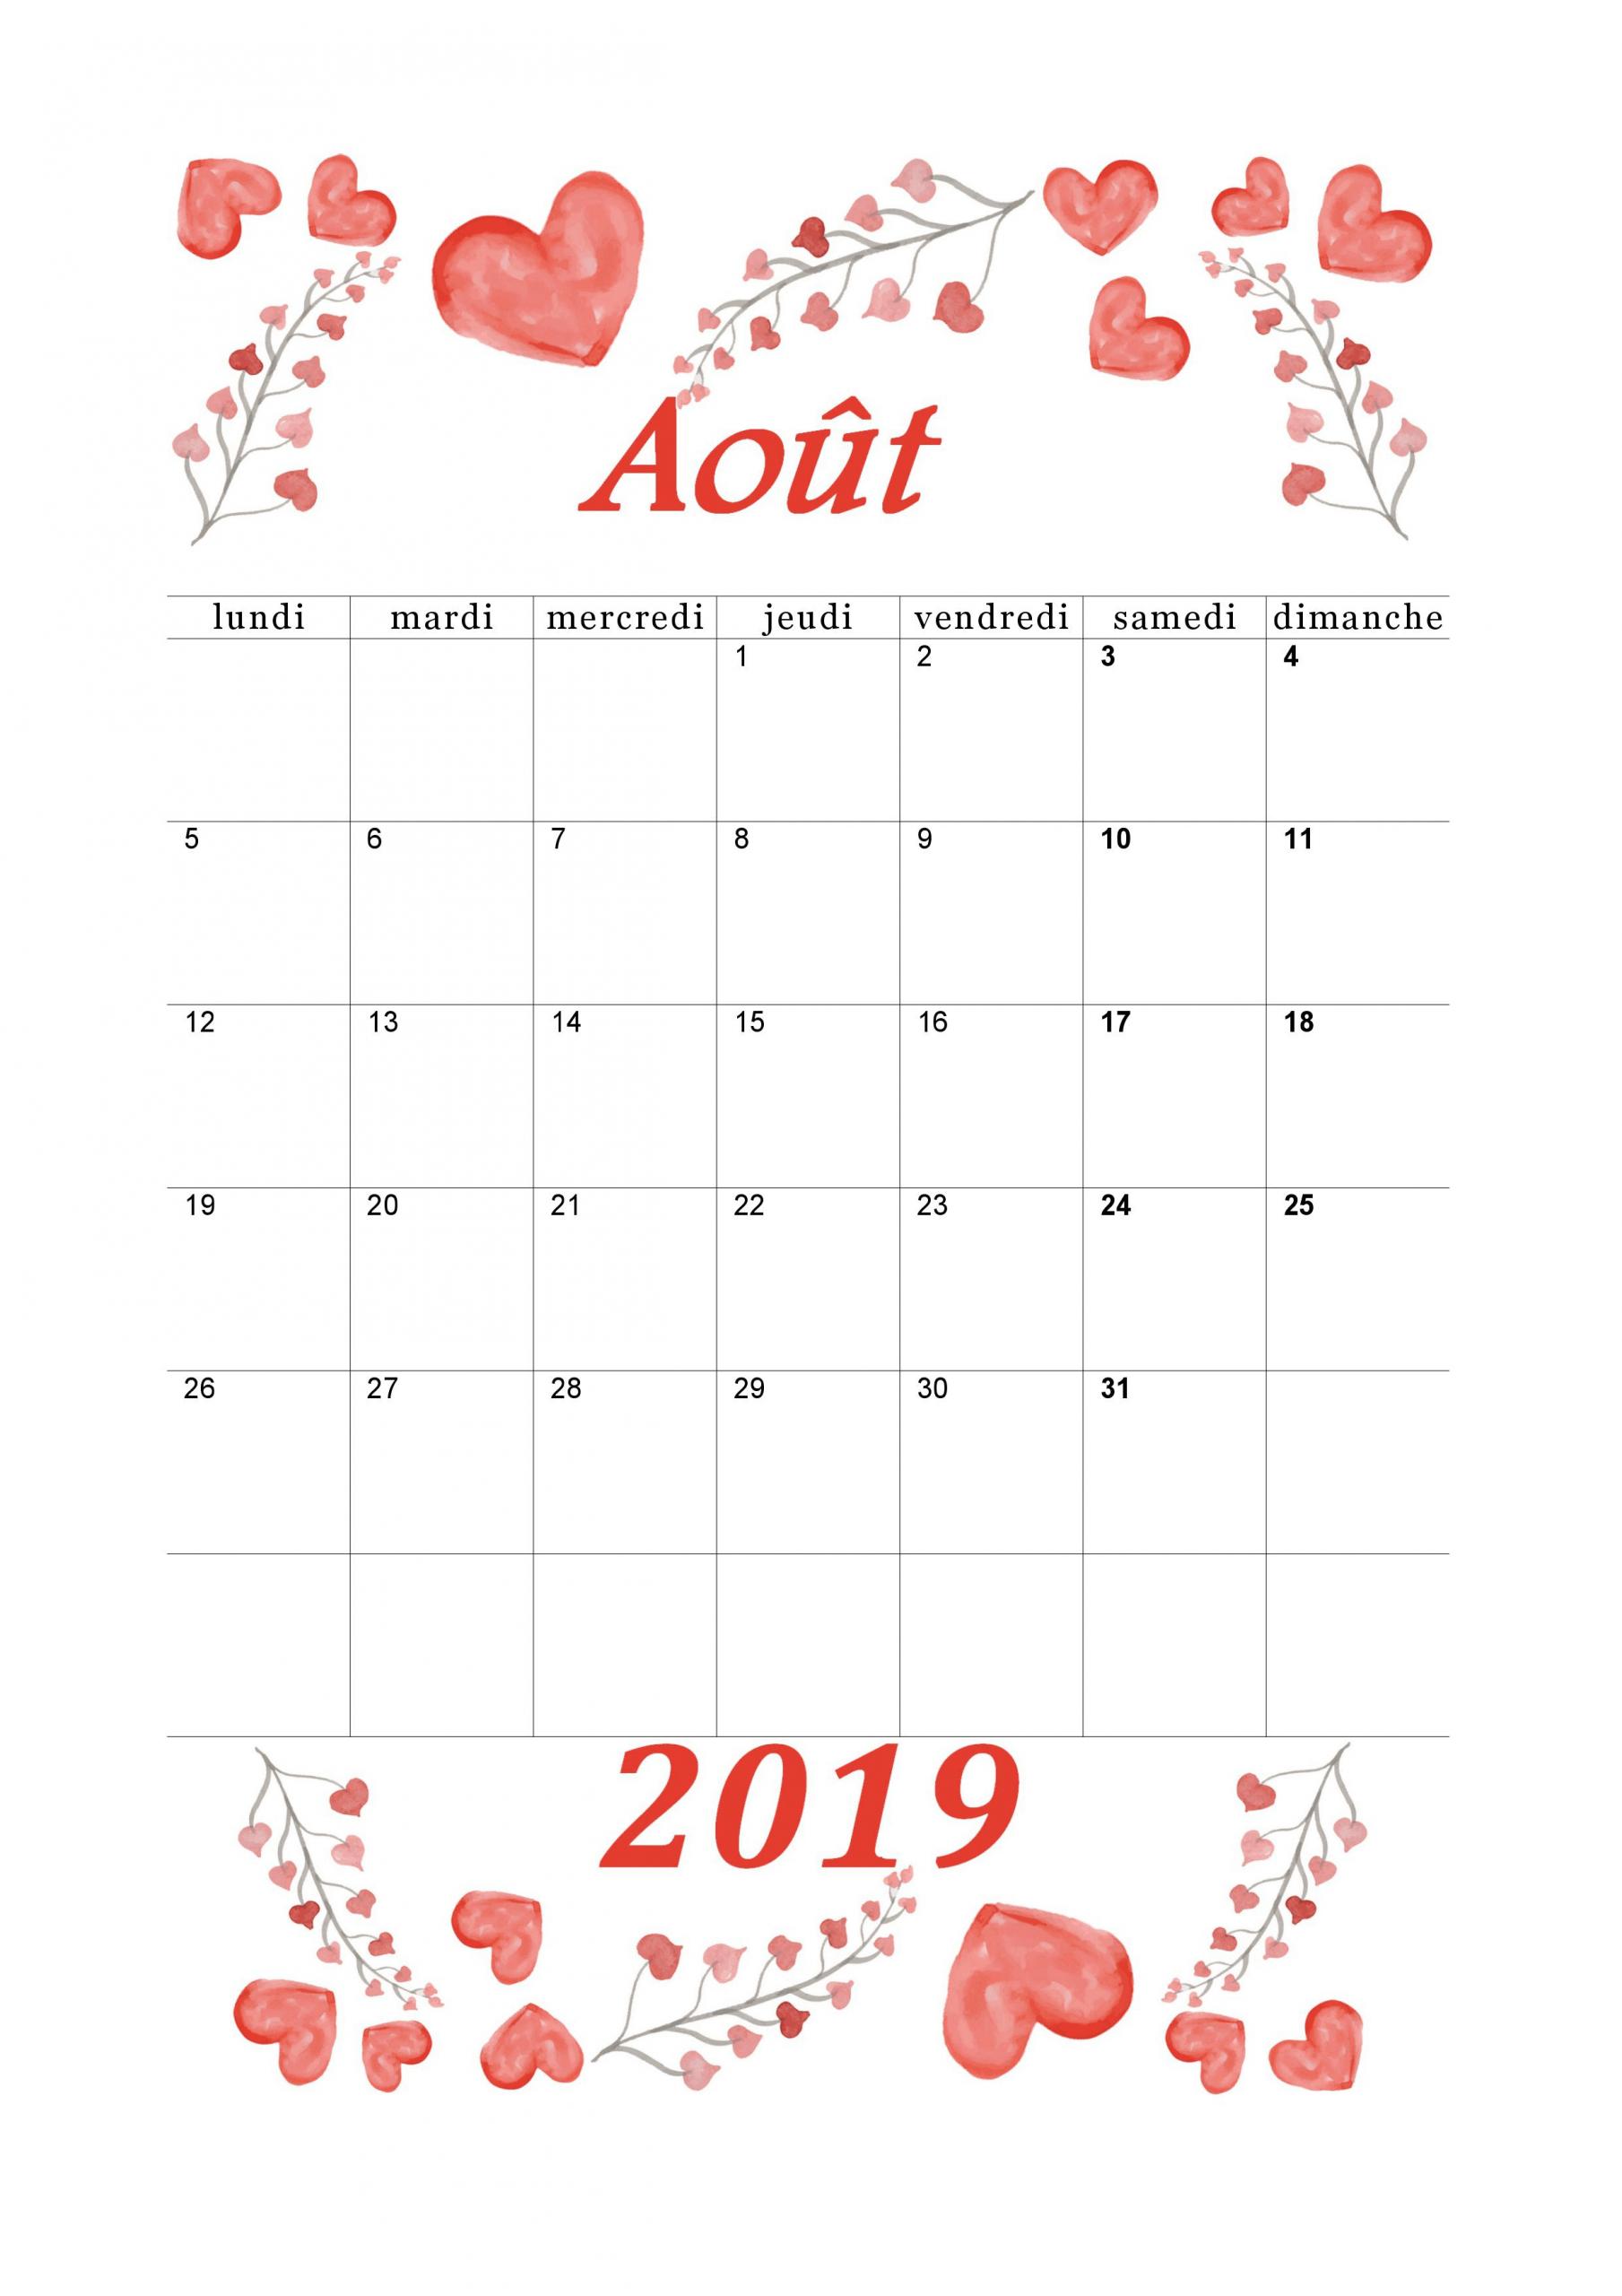 Calendrier 2018-2019 Mensuel À Imprimer. | Calendrier Aout avec Calendrier Des Anniversaires À Imprimer Gratuit